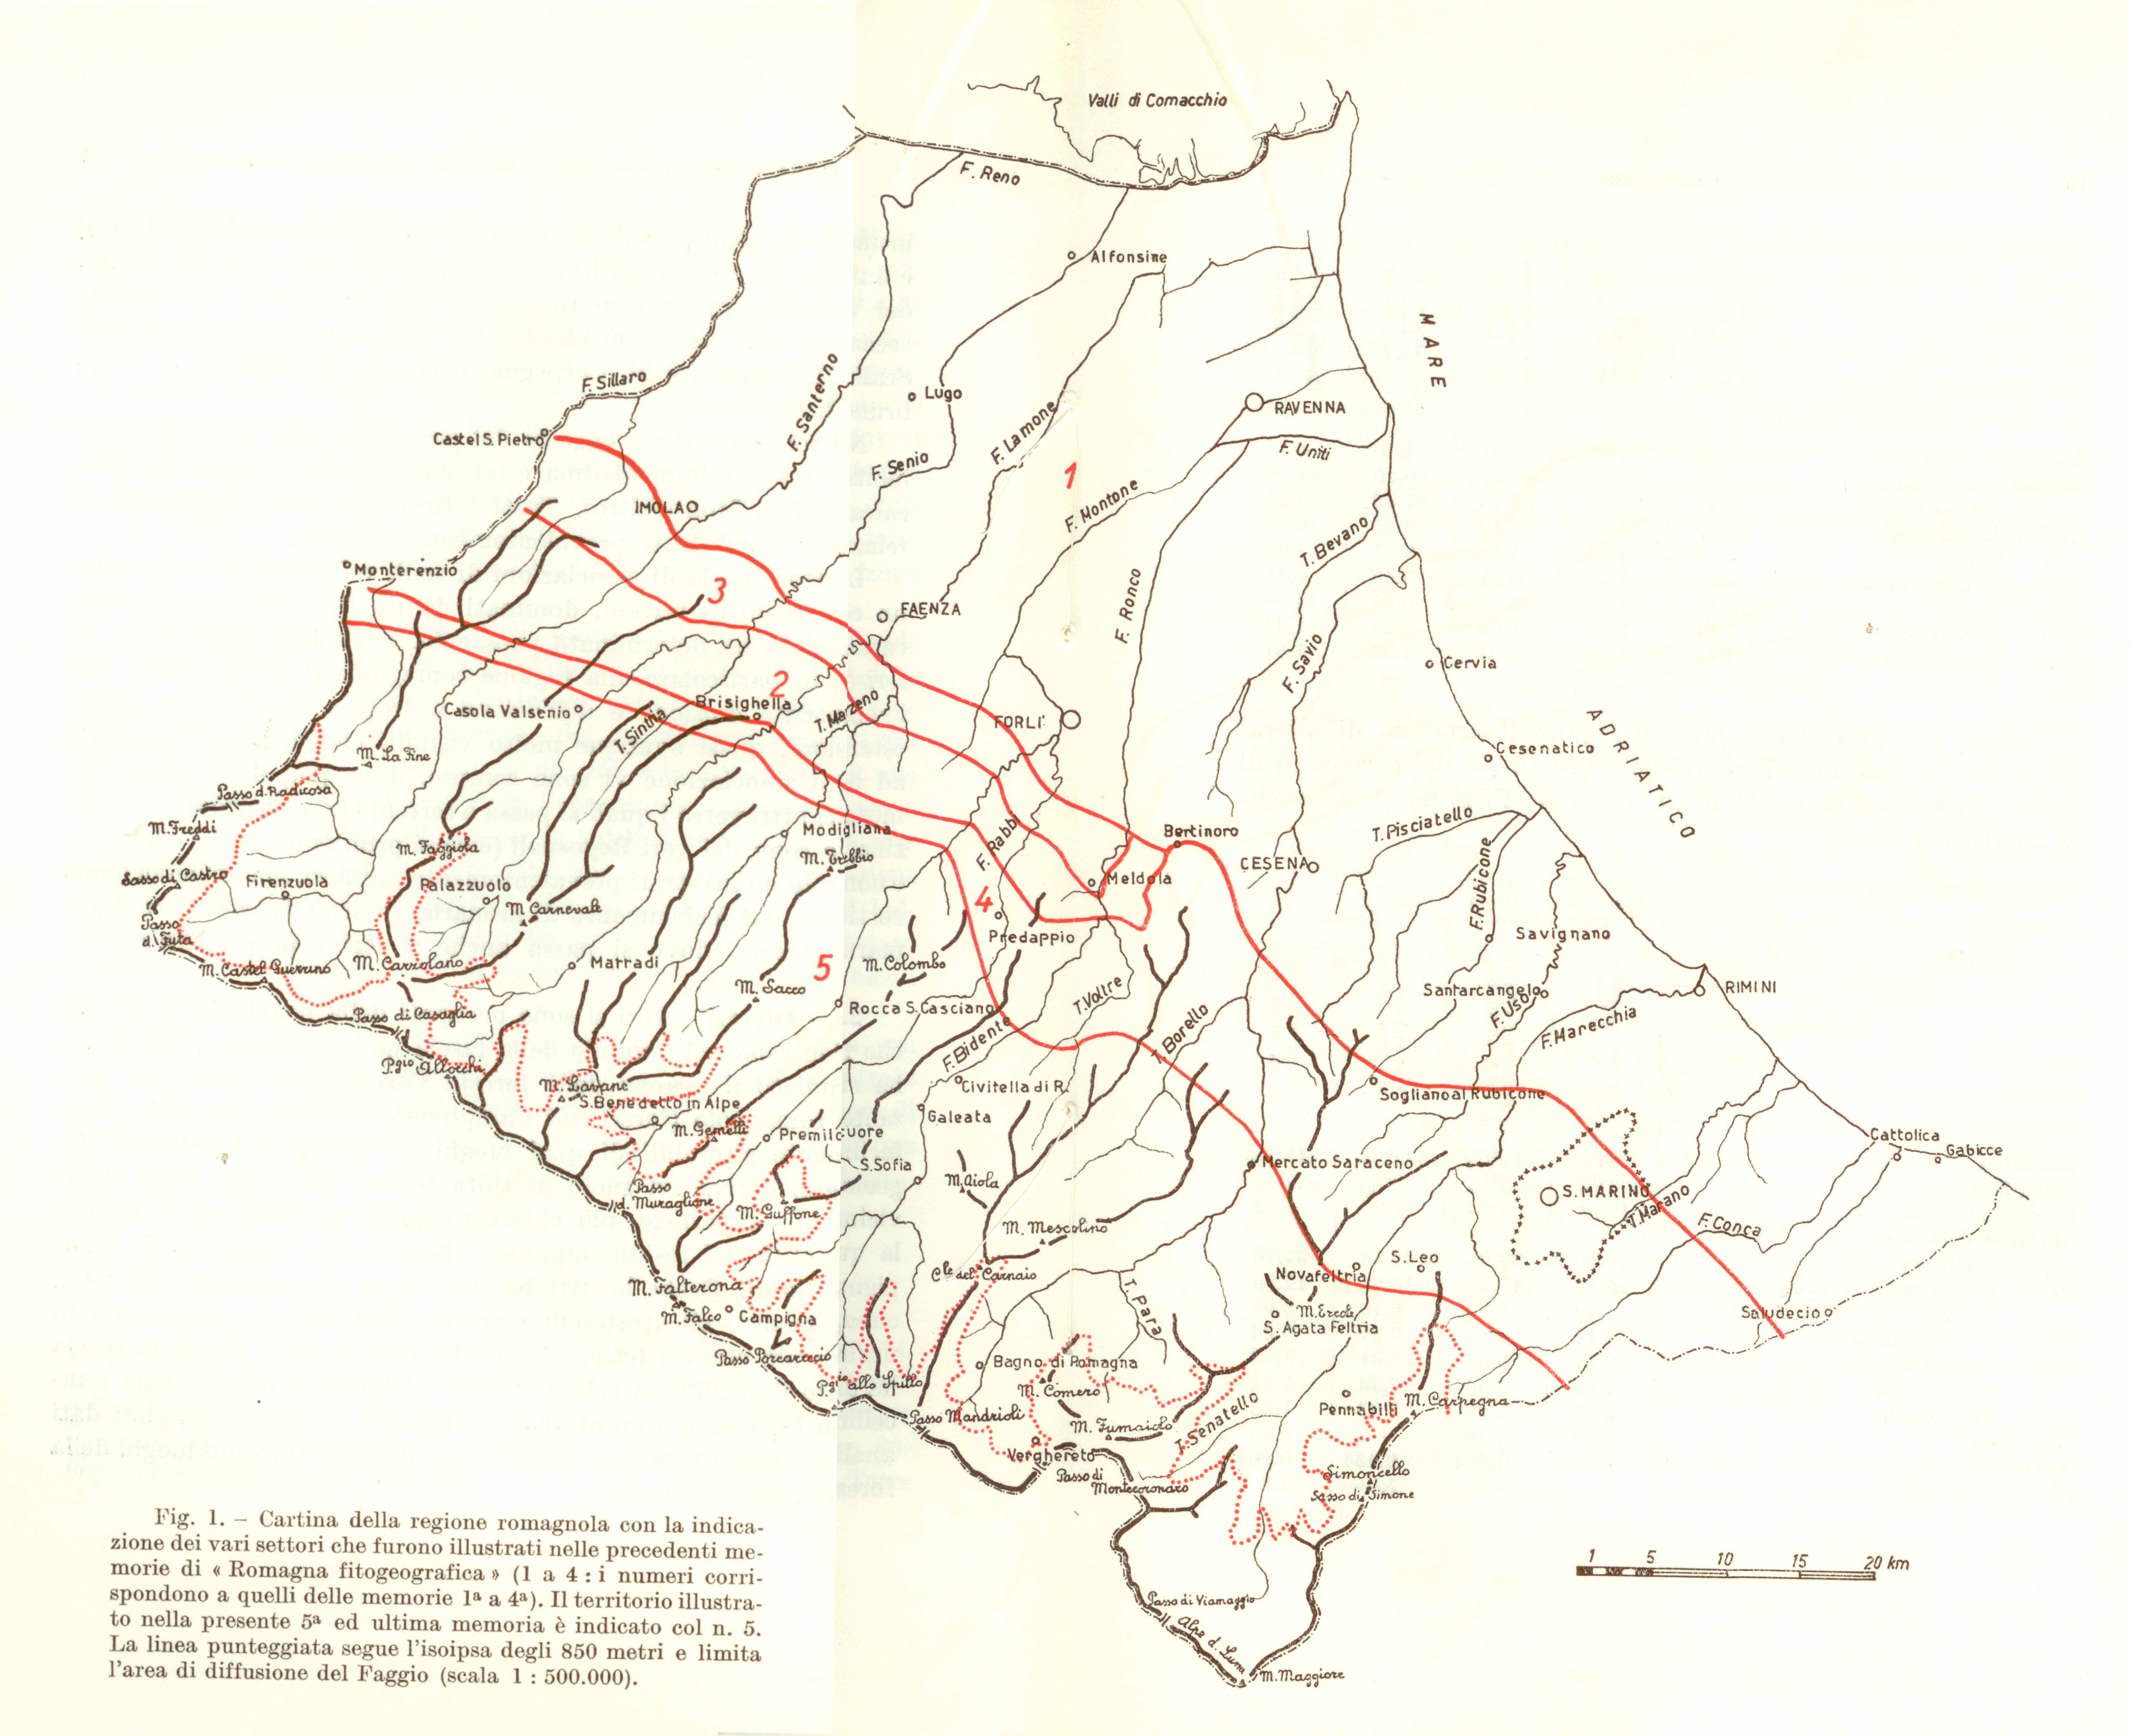 Zone Fitogeografiche descritte da Zangheri